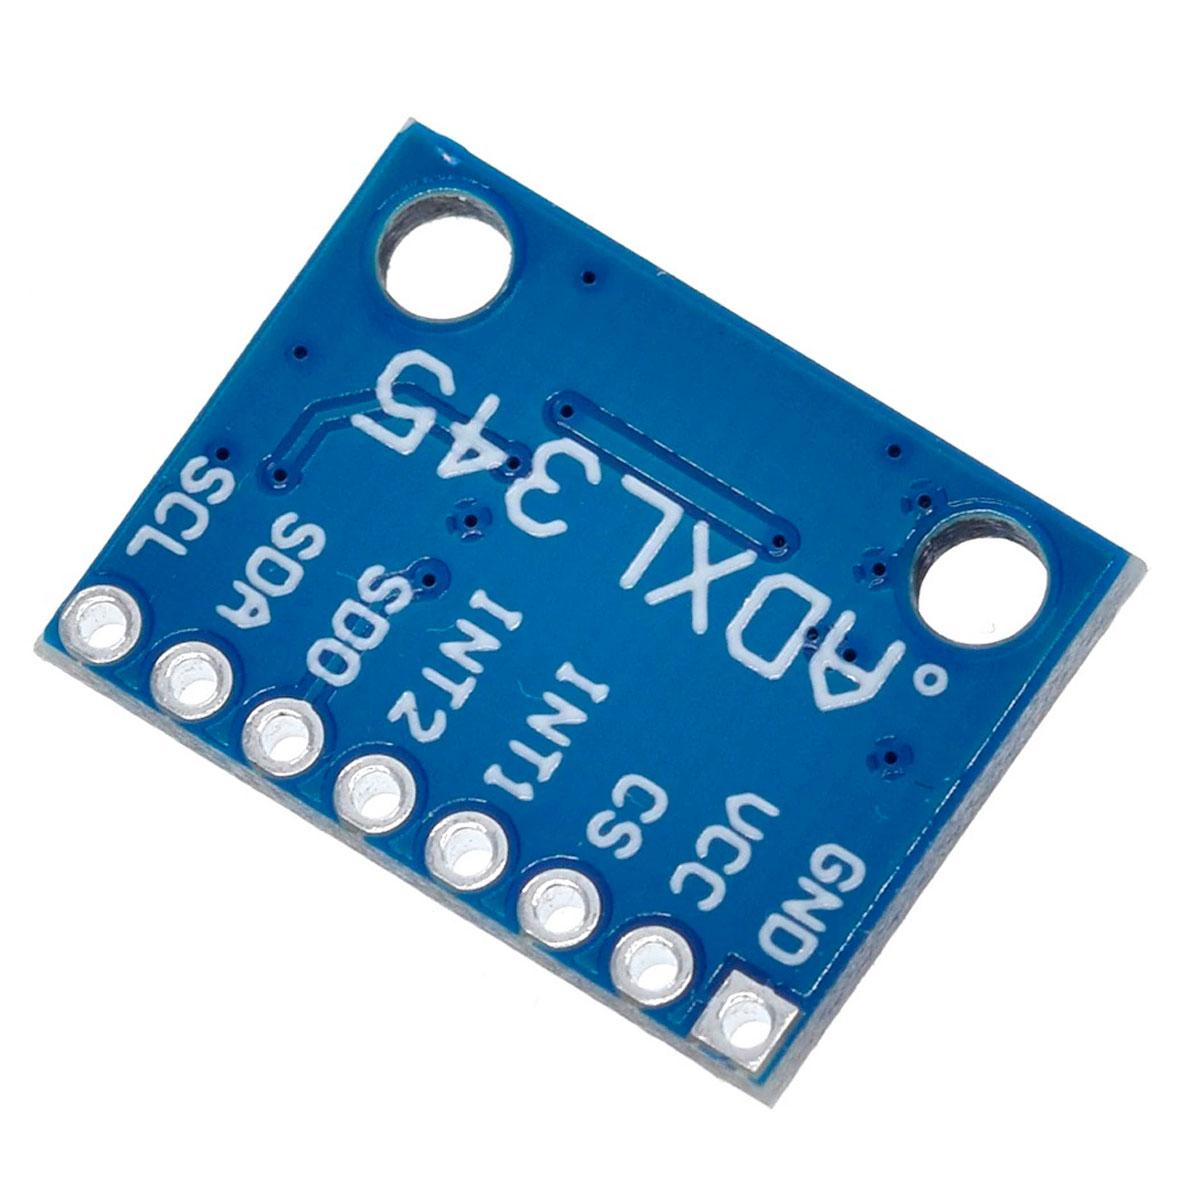 Módulo Acelerômetro 3 Eixos GY-291 - ADXL345 - Sensor aceleração da gravidade